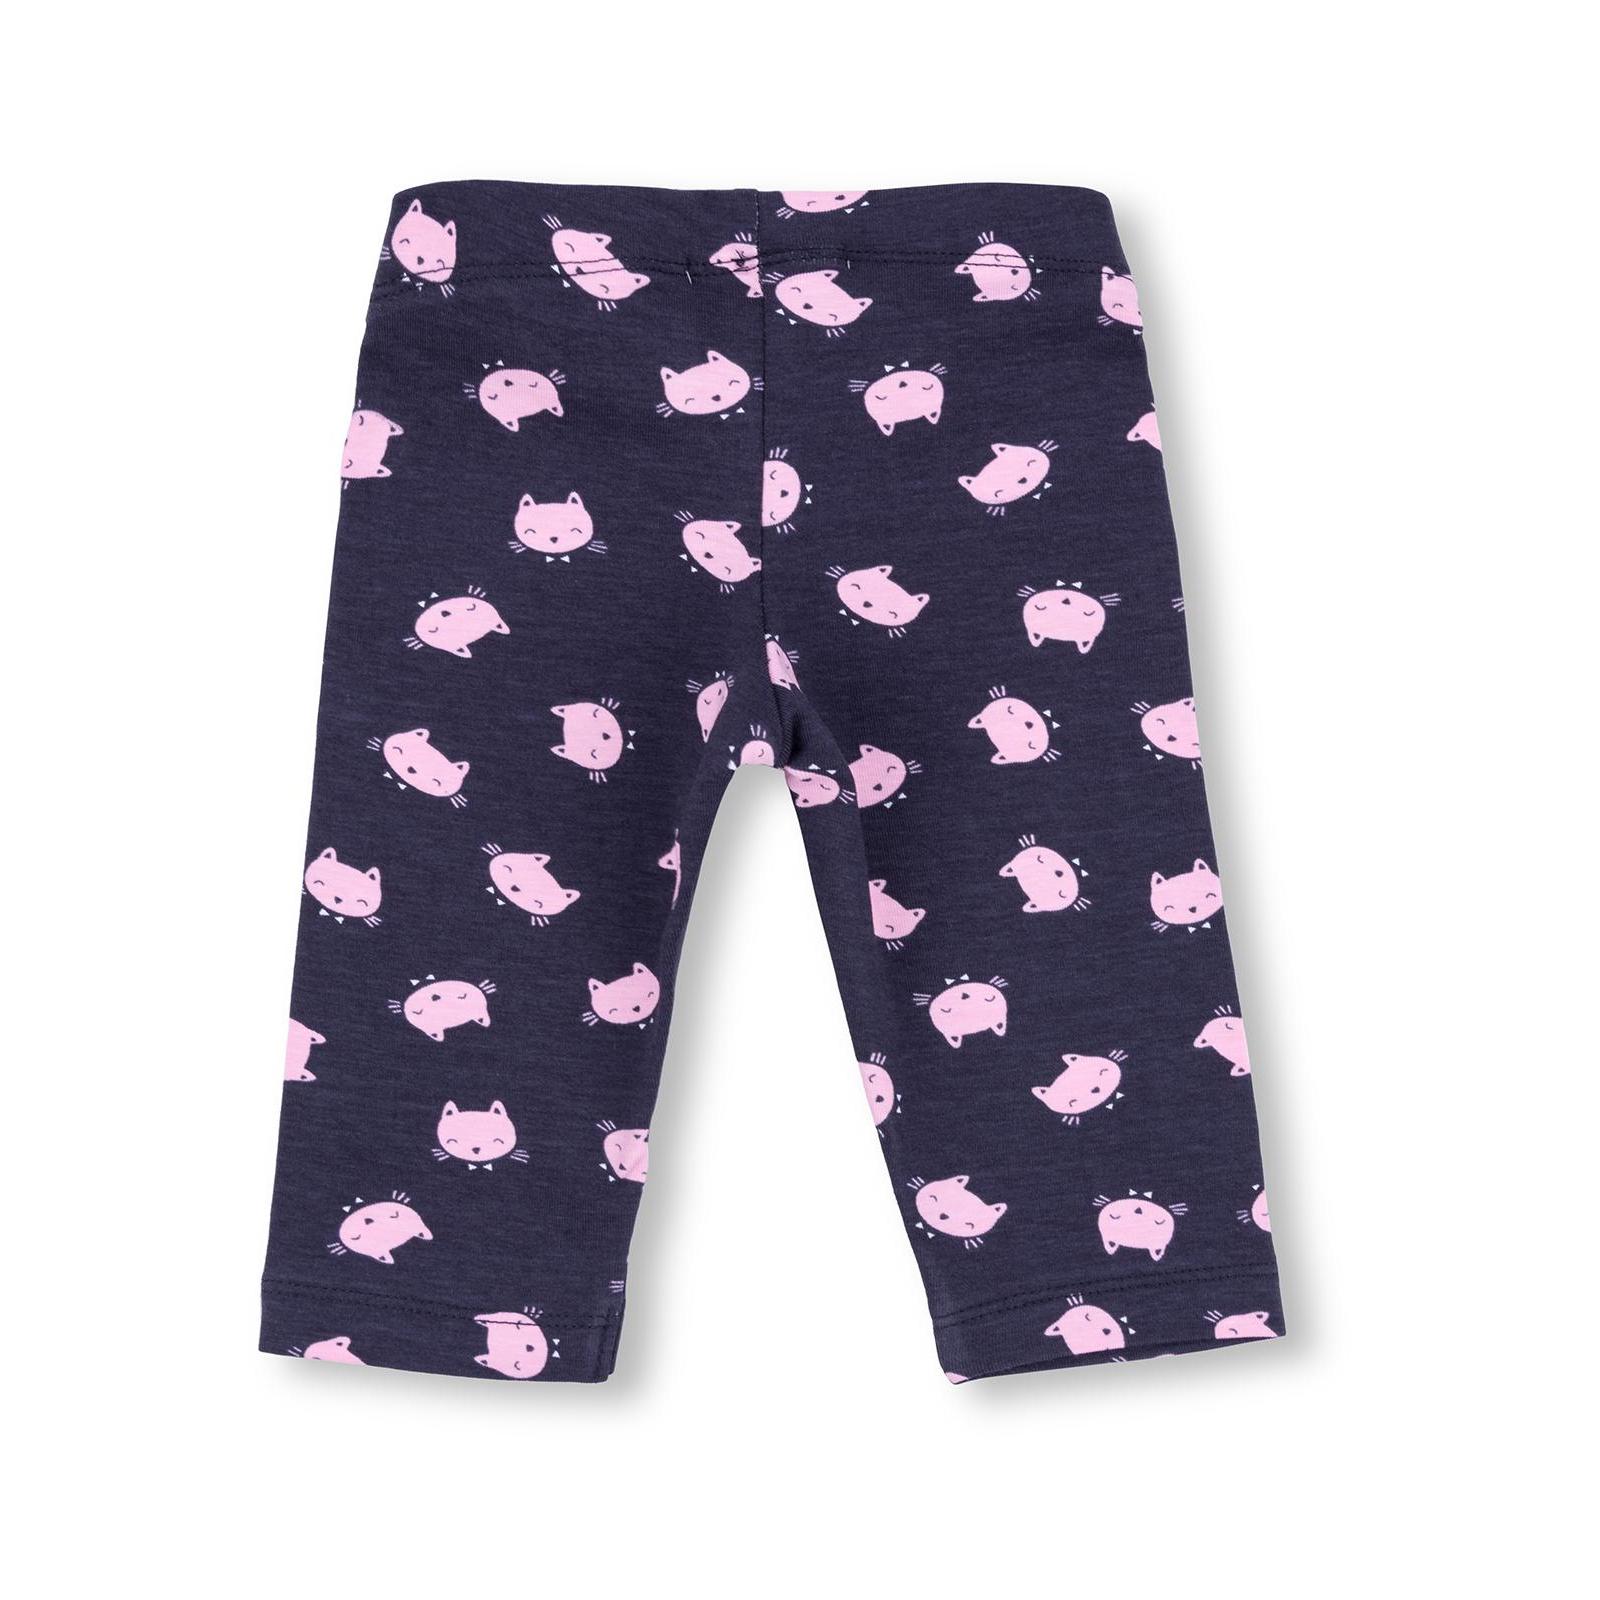 Набор детской одежды Breeze с котиками (7493-86G-pink) изображение 6